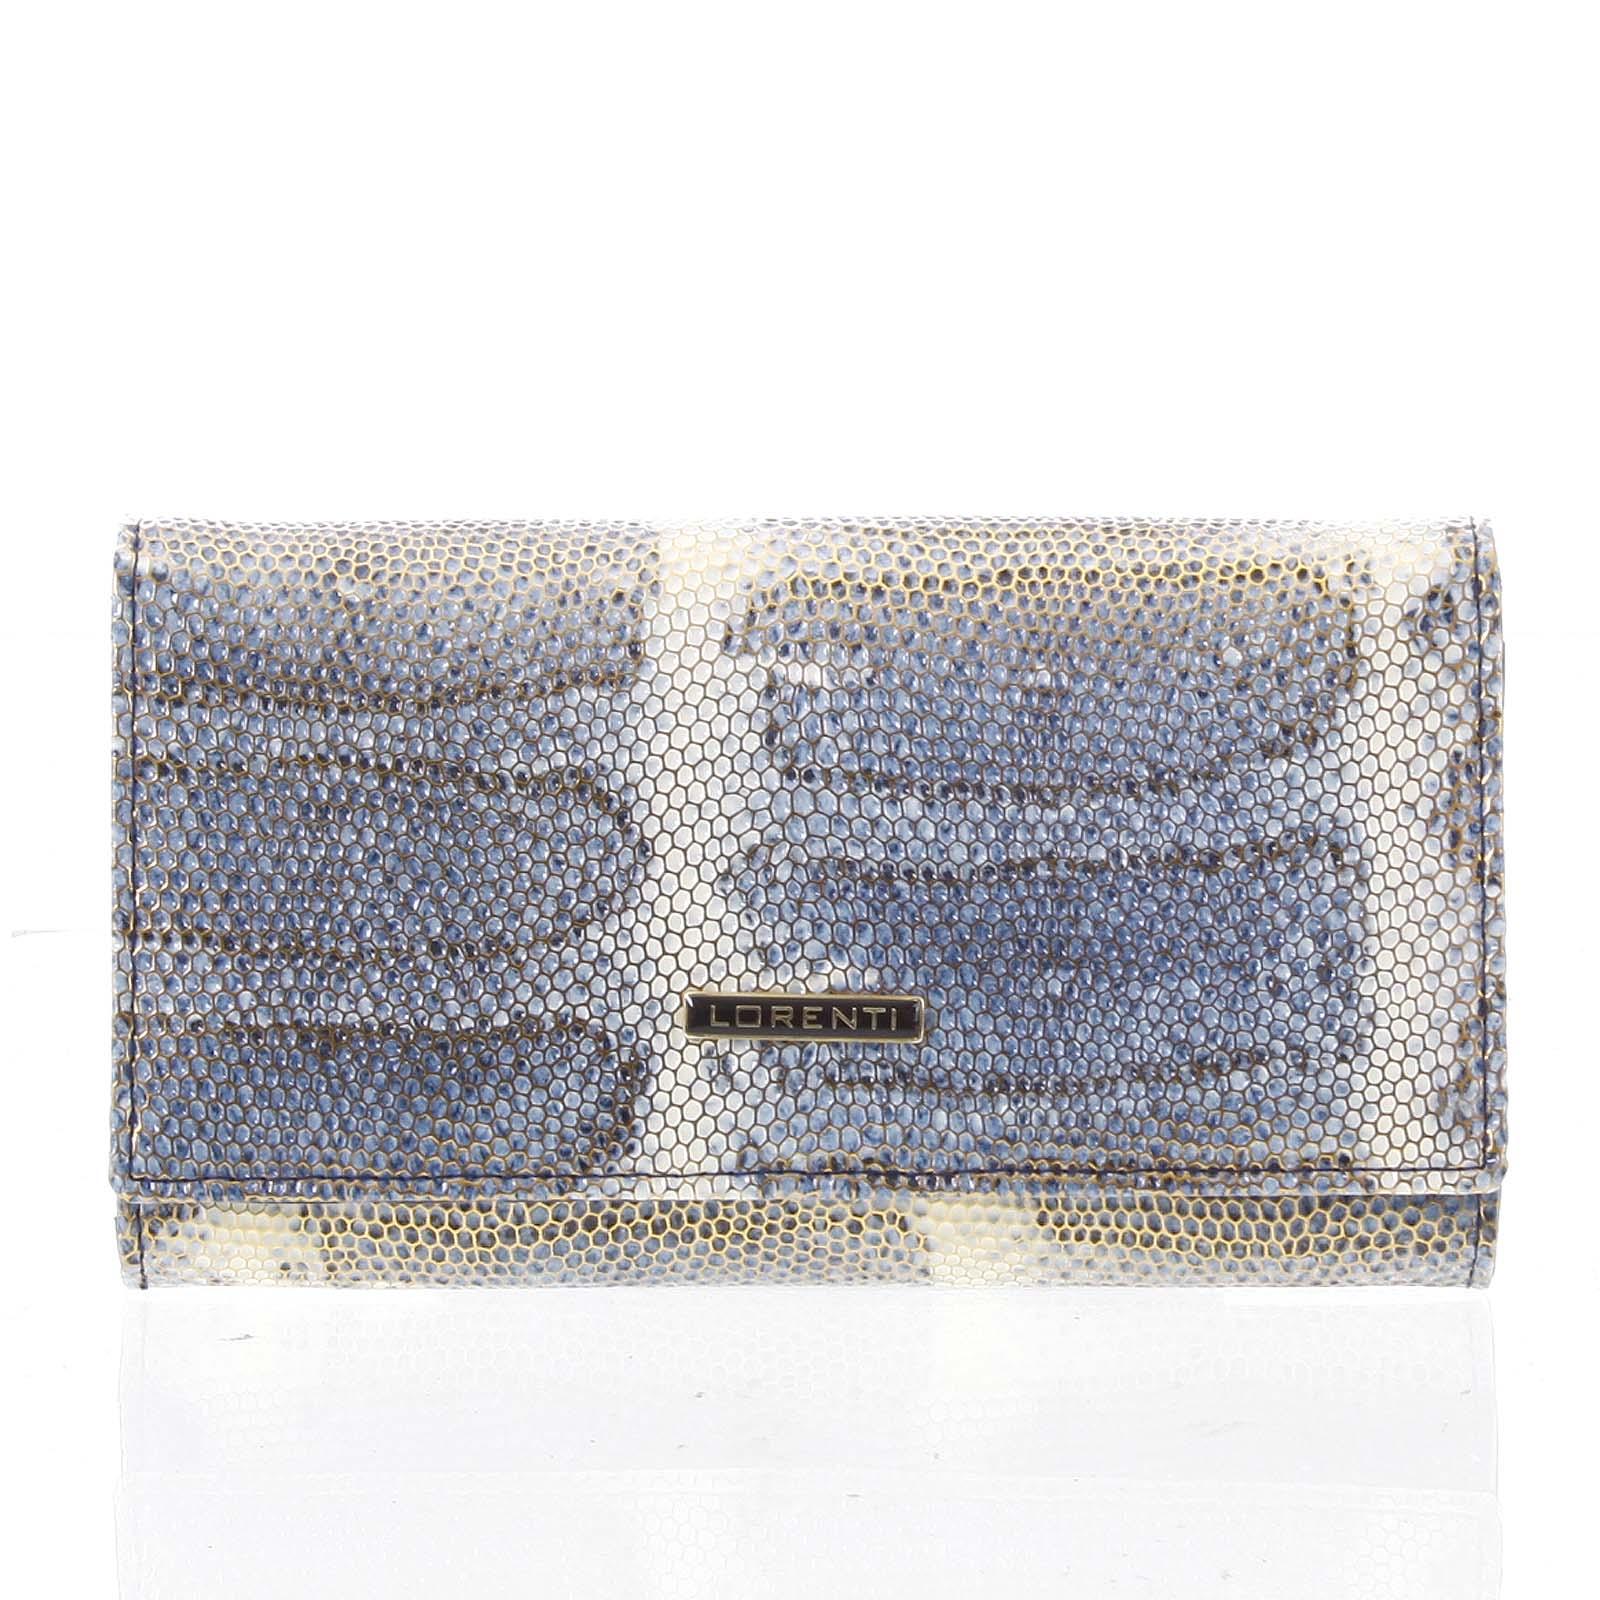 Luxusná hadí kožená modrá peňaženka s odleskom - Lorenti 114SH